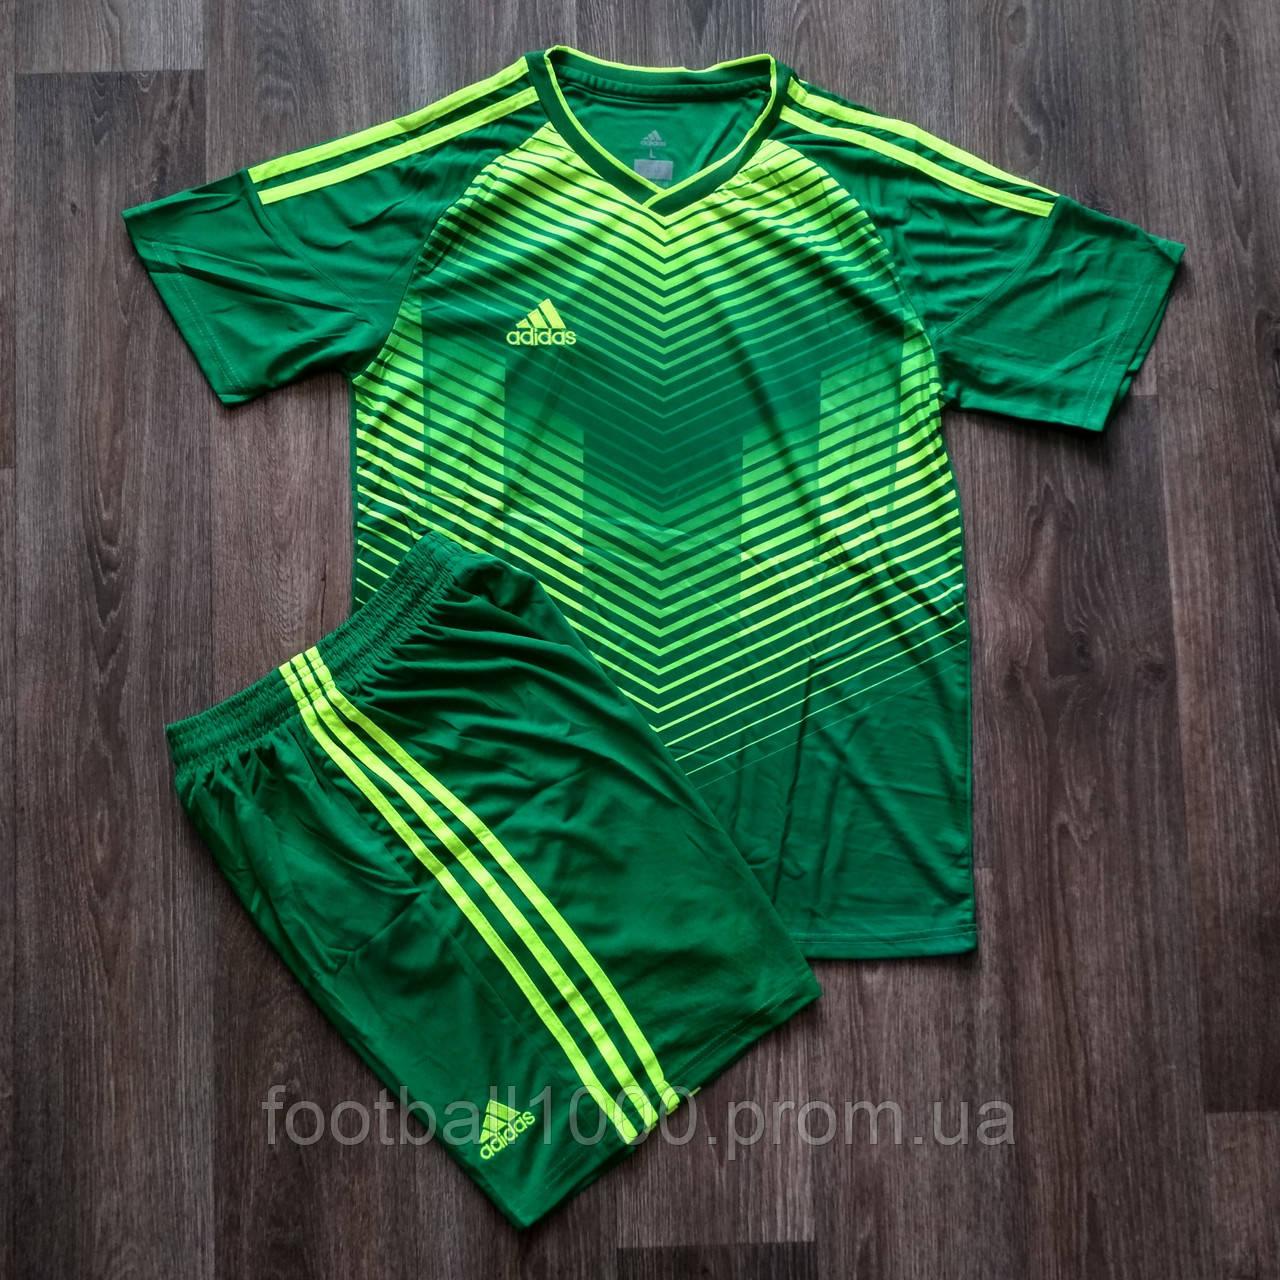 Детская форма футбольнаяAdidas зеленая BR